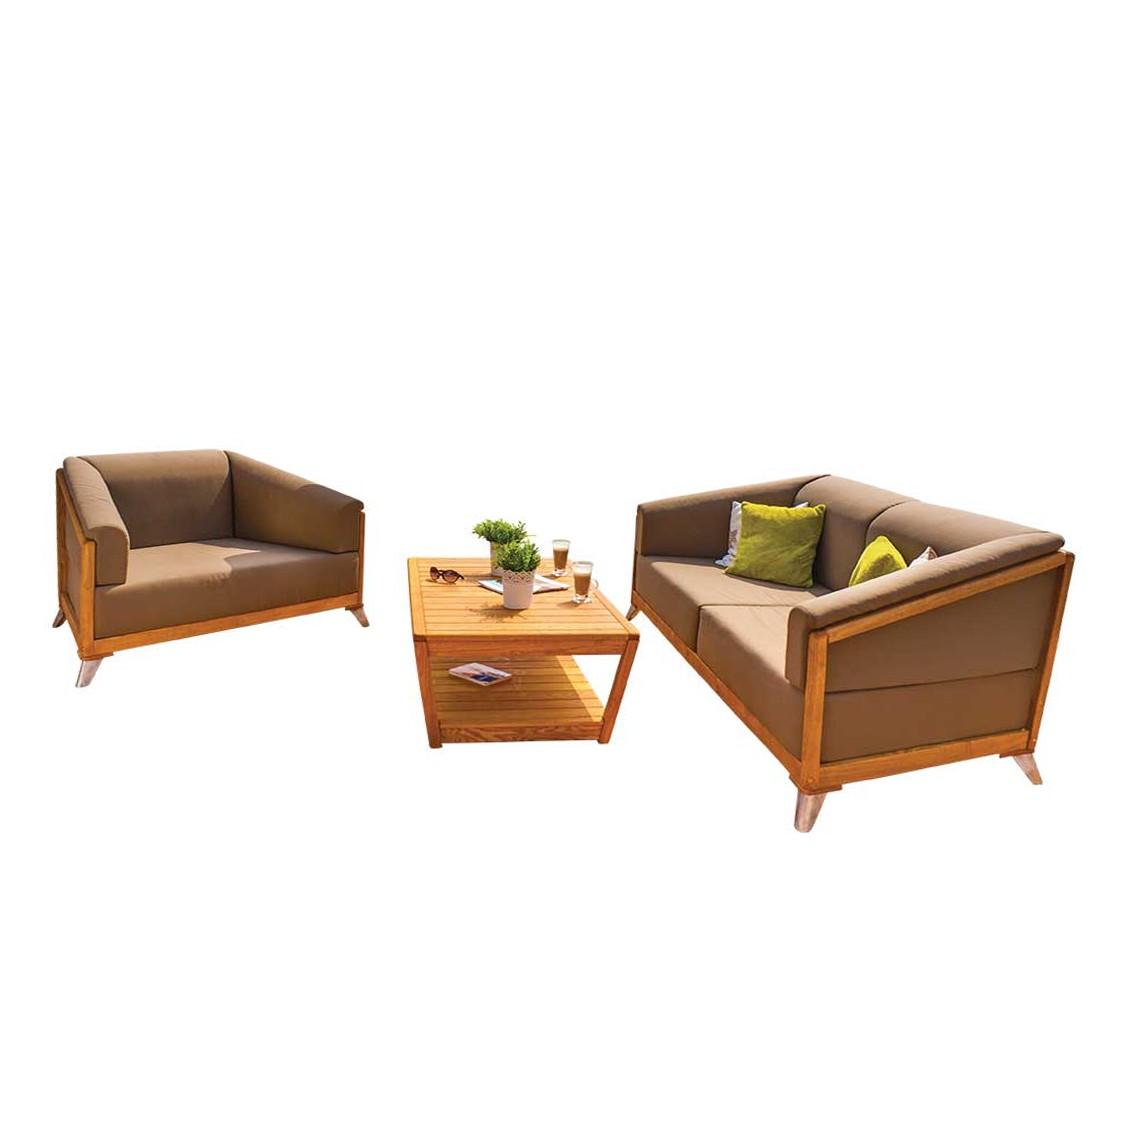 sofa 3 teilig beanbag chaise specail offer sectional sofa design u shape gartenm bel set. Black Bedroom Furniture Sets. Home Design Ideas